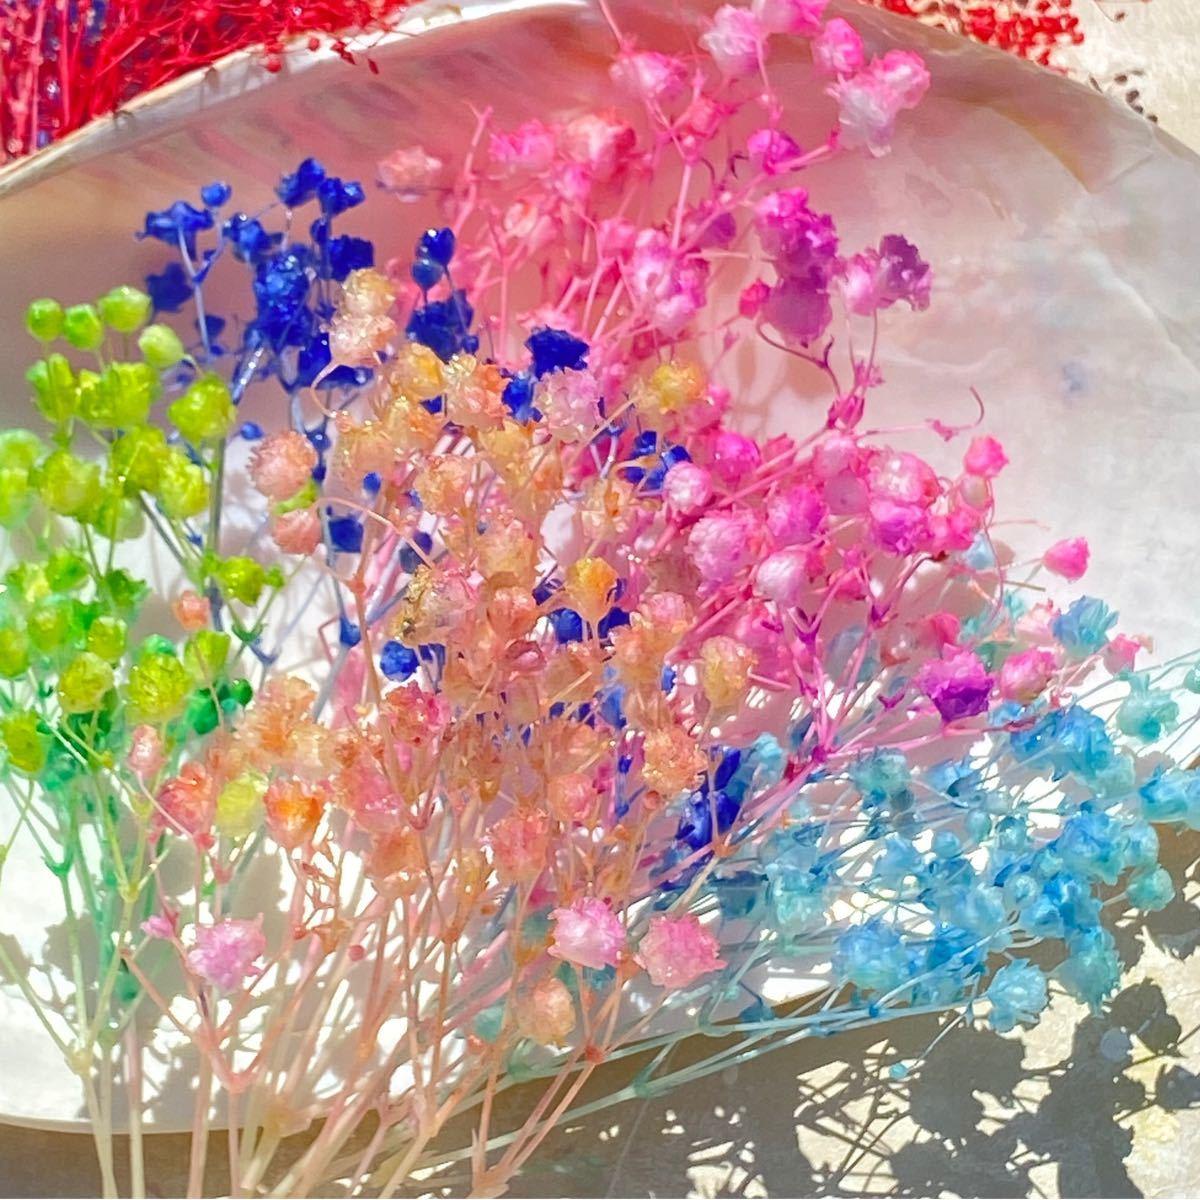 かすみ草オーバータイムアソート メーカー半量 大地農園 ハーバリウム ハーバリウム花材 プリザーブドフラワー カスミ